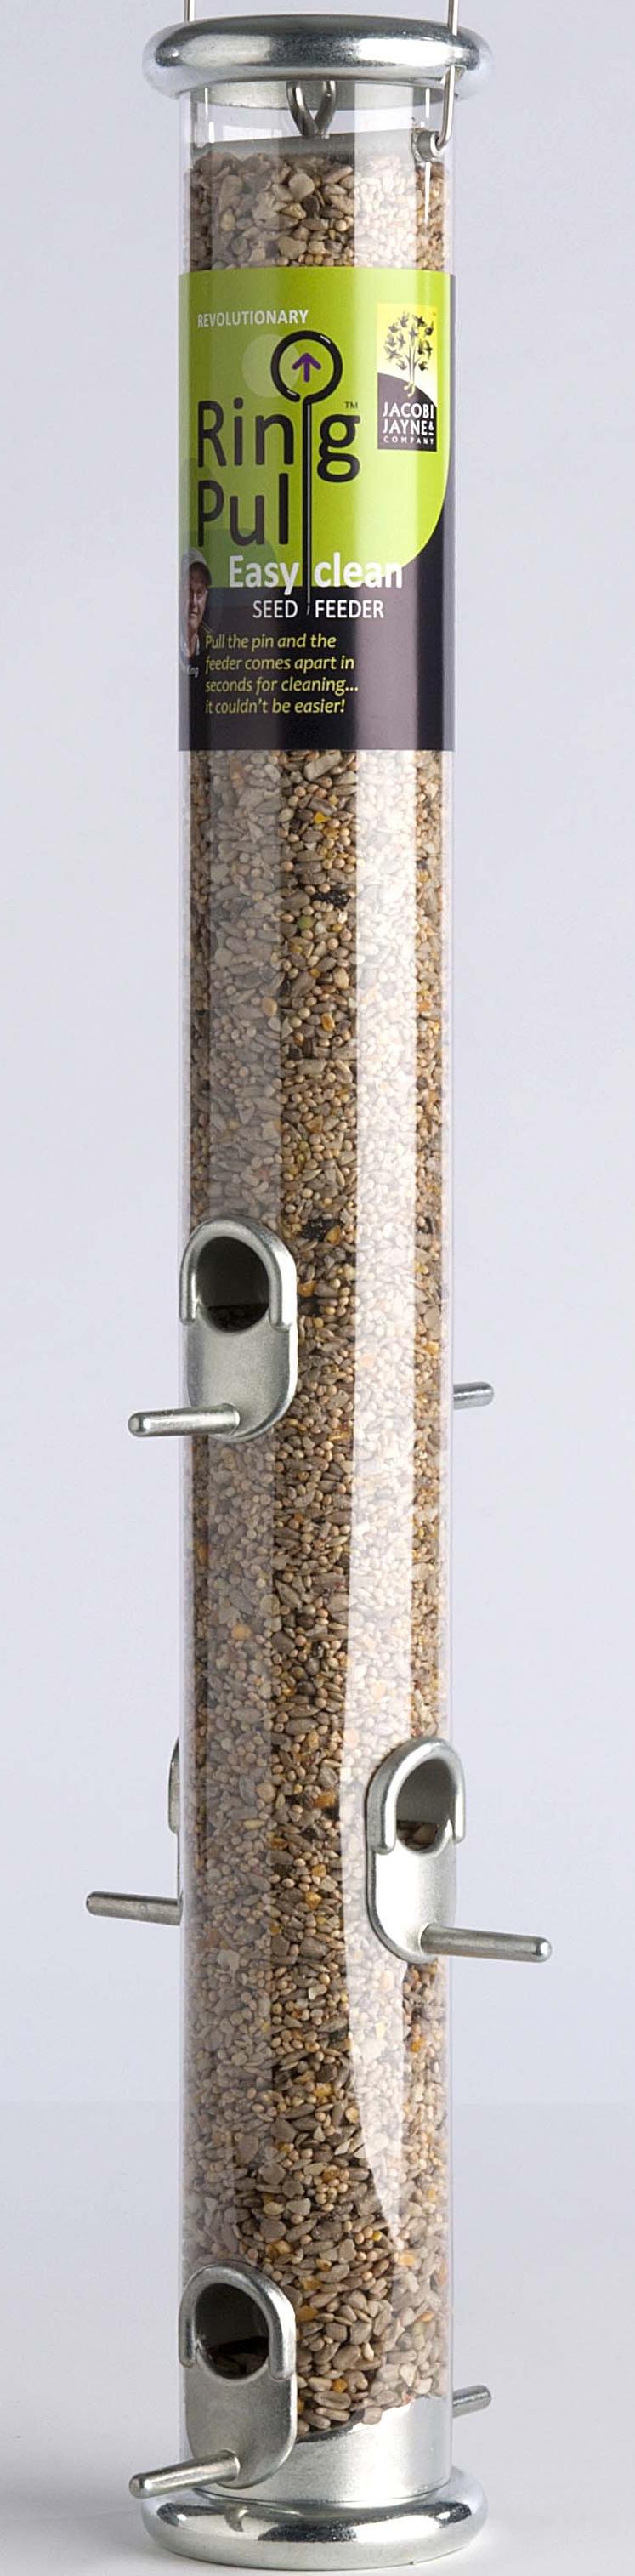 schwegler ring pull futters ule maxi silber vogel und naturschutzprodukte einfach online kaufen. Black Bedroom Furniture Sets. Home Design Ideas